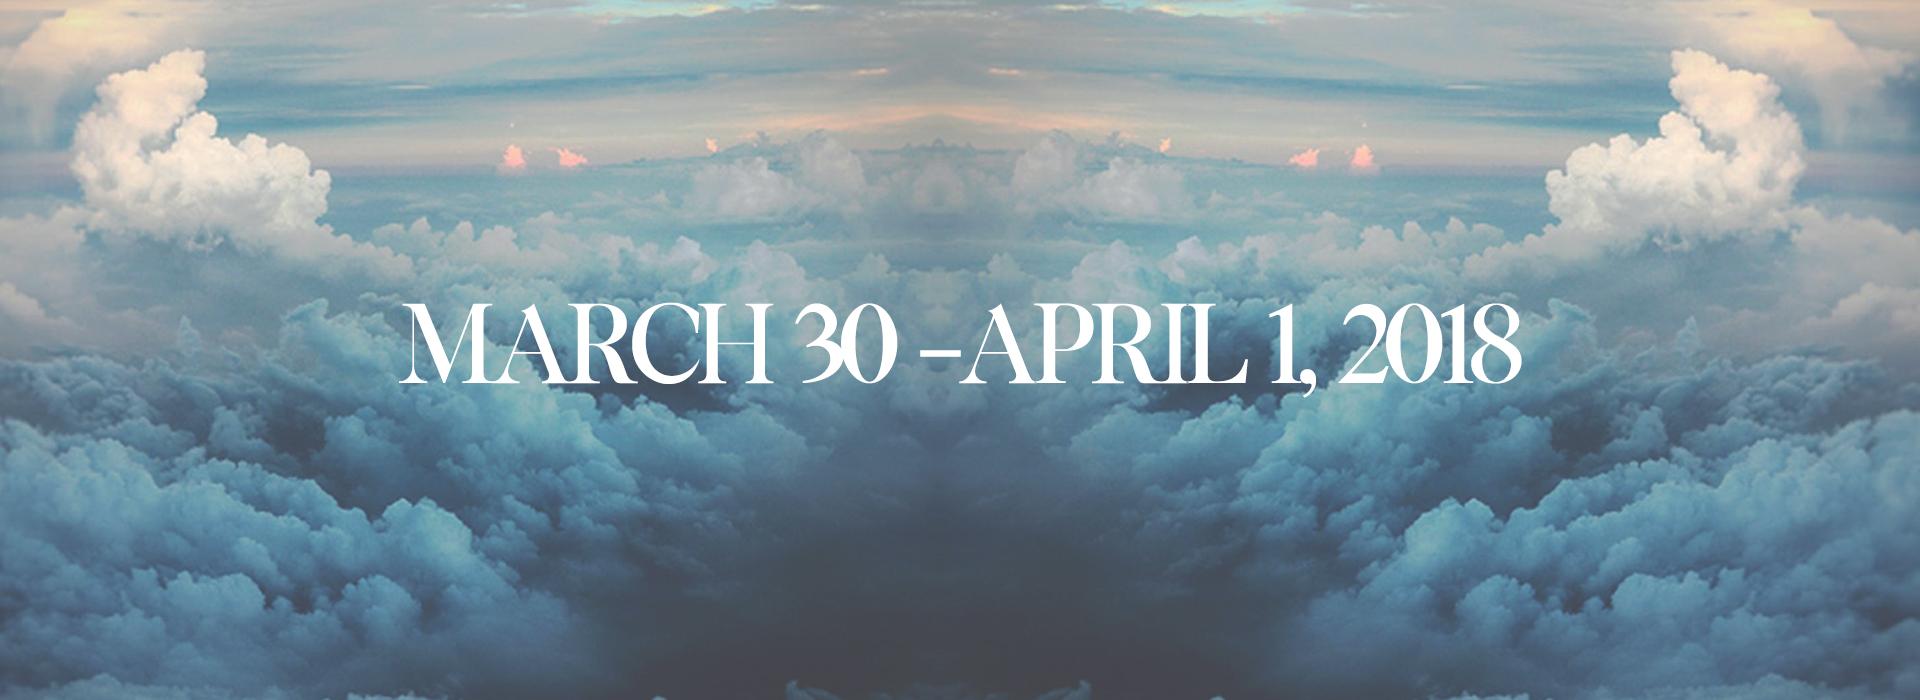 Ever Easter Dates.jpg